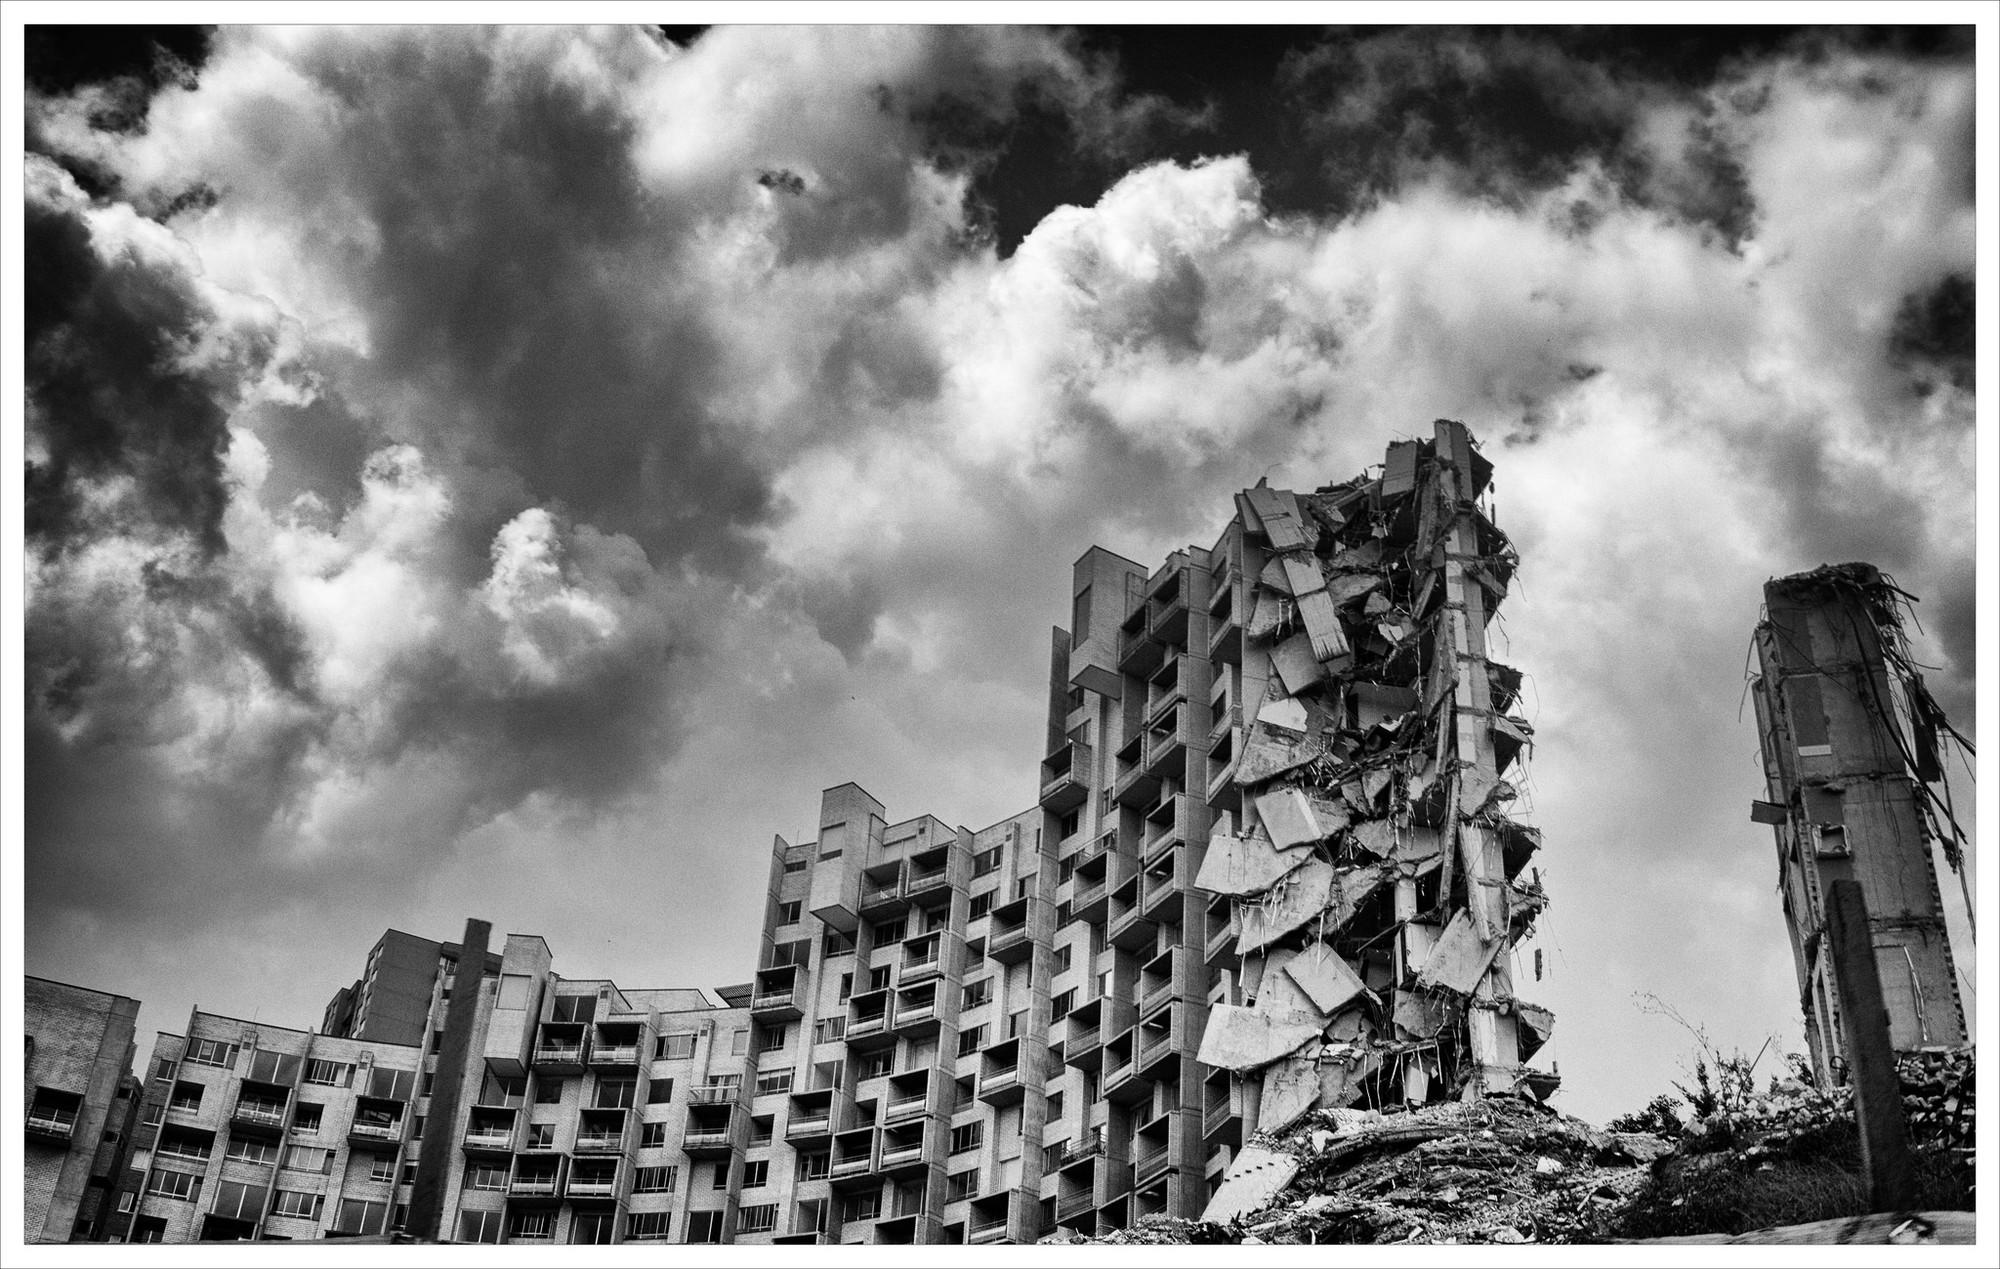 Medellín: Edificio Space, el derrumbe de un error, Edificio Space tras la demolición de la torre 5. Image © Dorian Miguel Ospino Caro [Flickr]